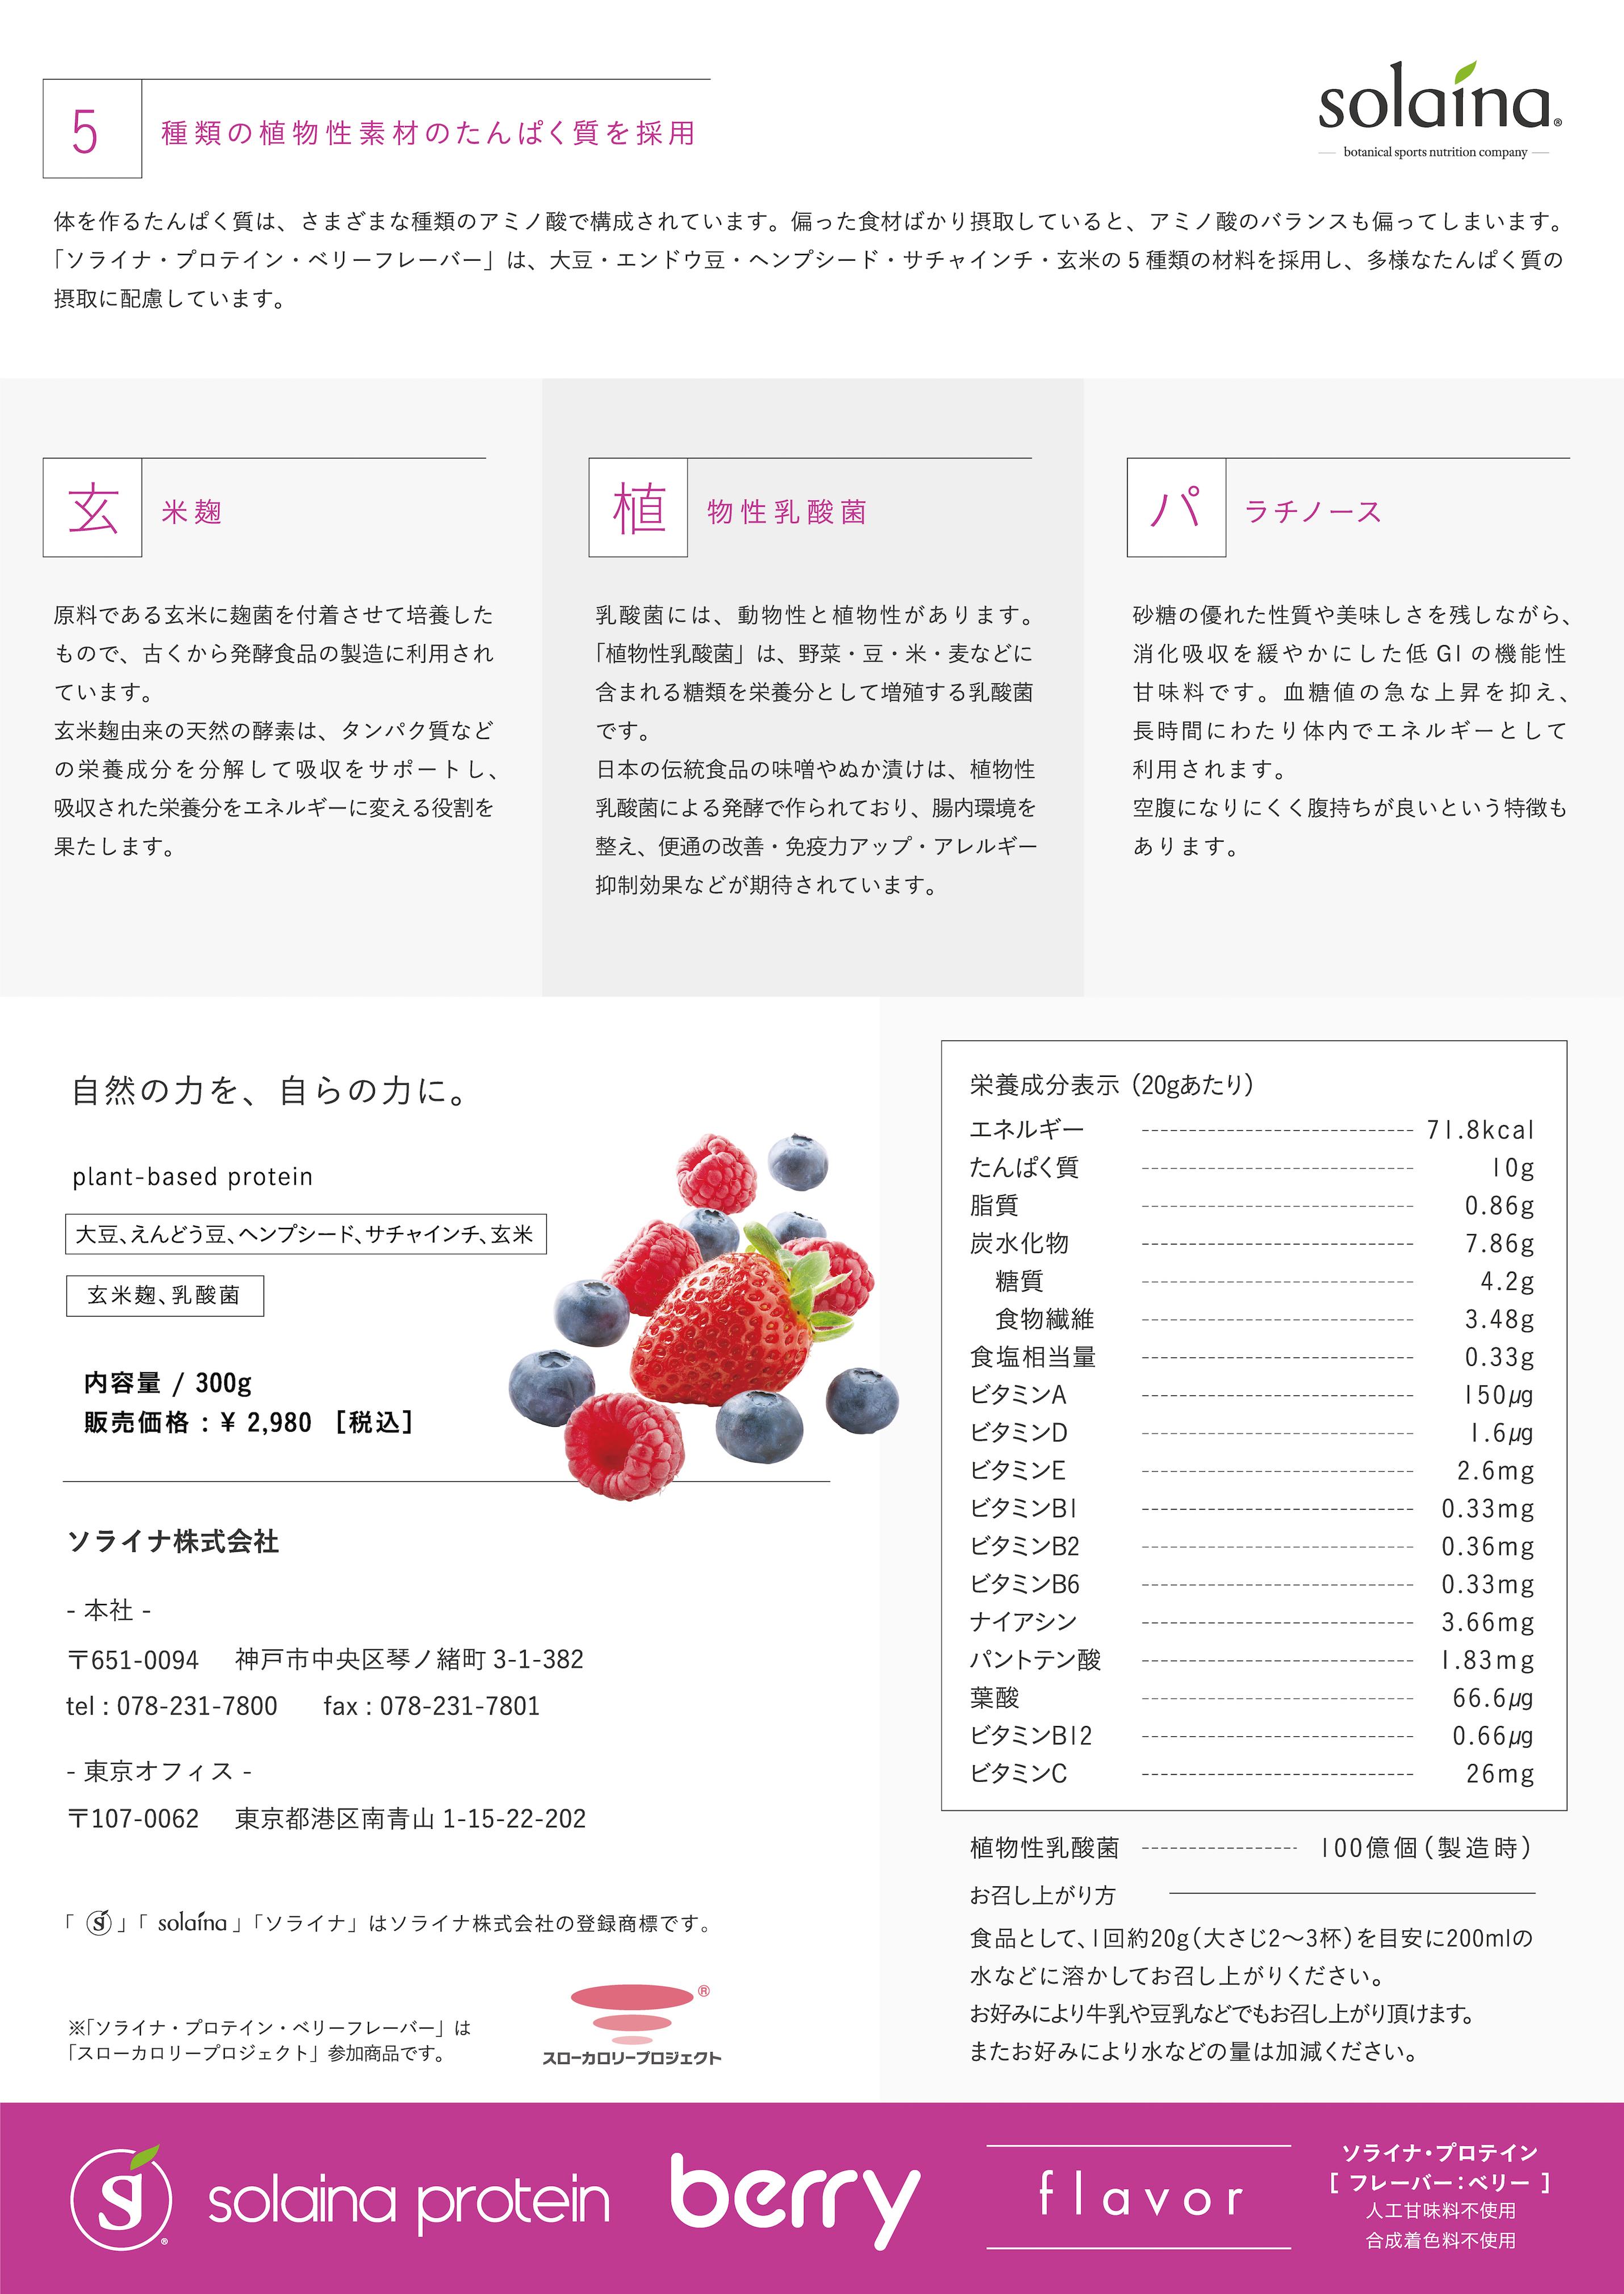 【毎月1袋×6回 定期便】ソライナ・プロテイン[ベリー味]300g/袋(¥2,760 → ¥2,484/袋[税別](10% OFF)